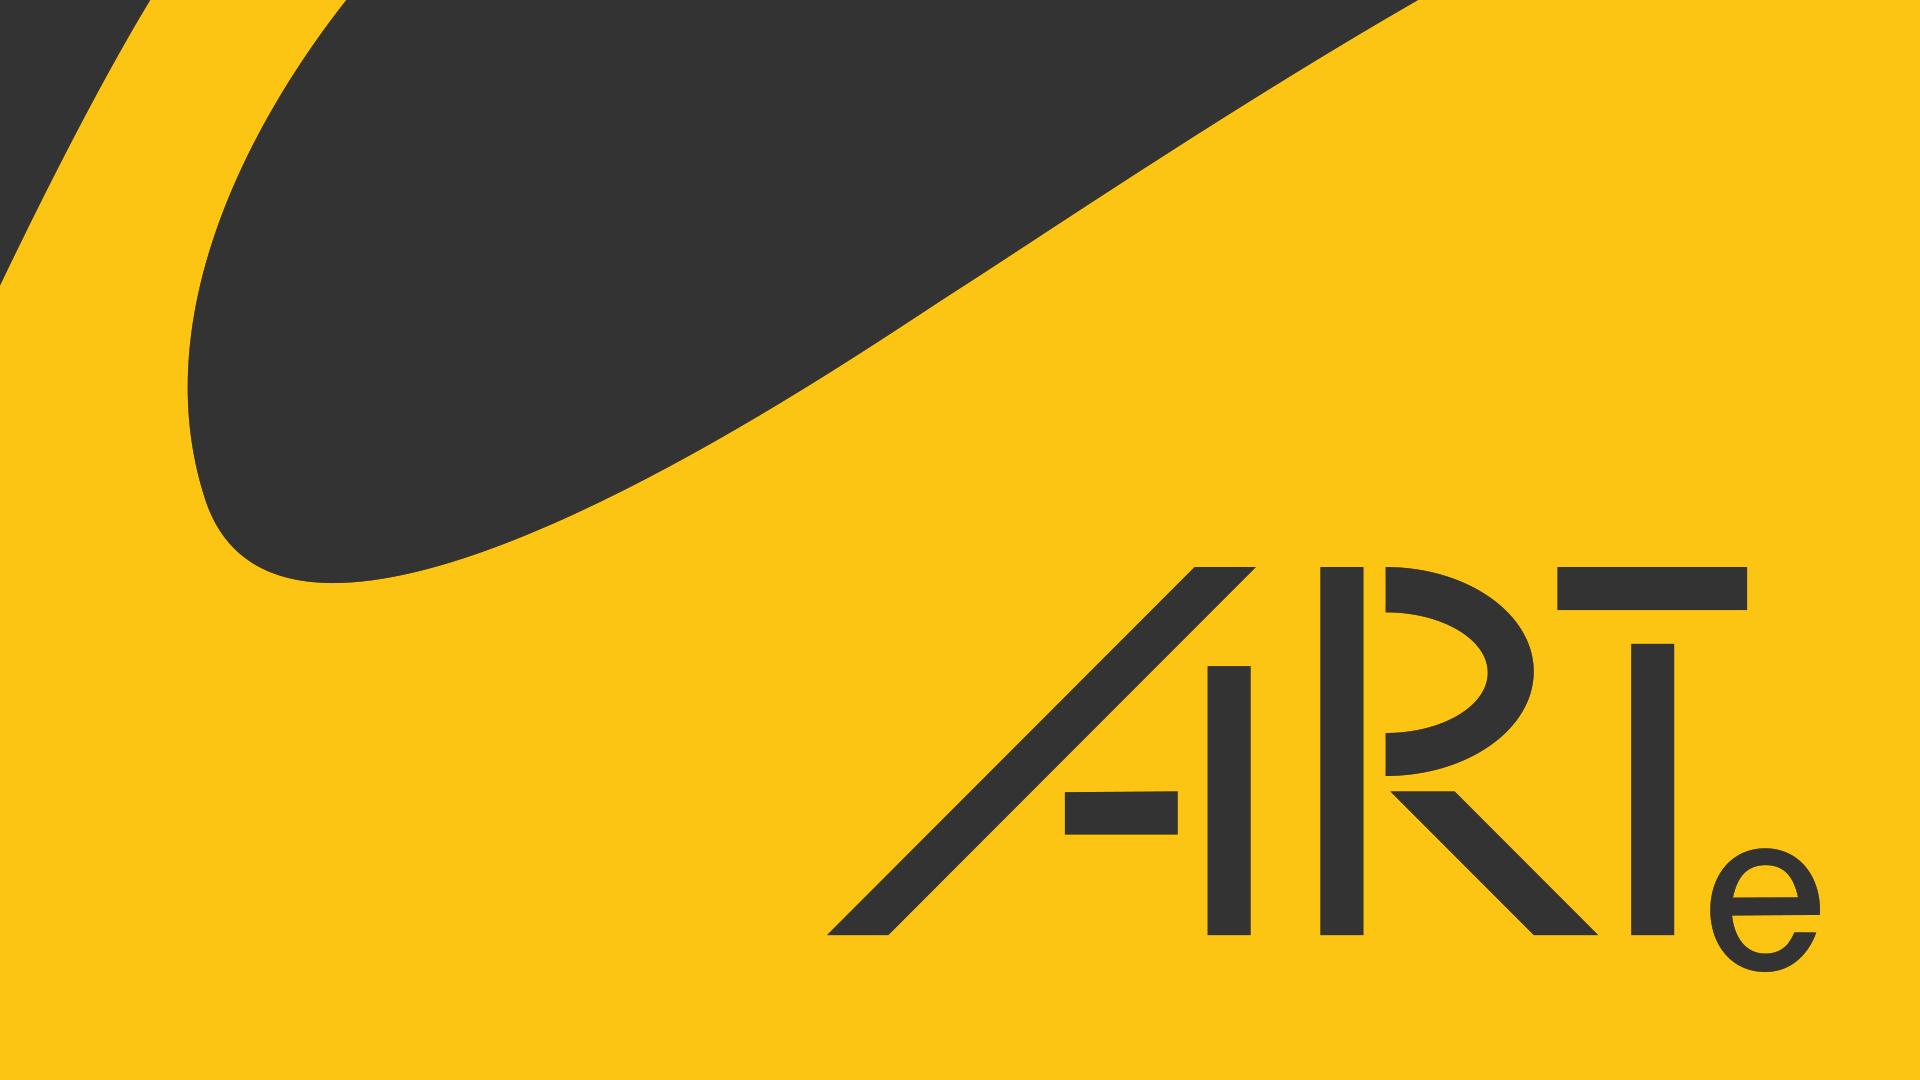 arte-header.png